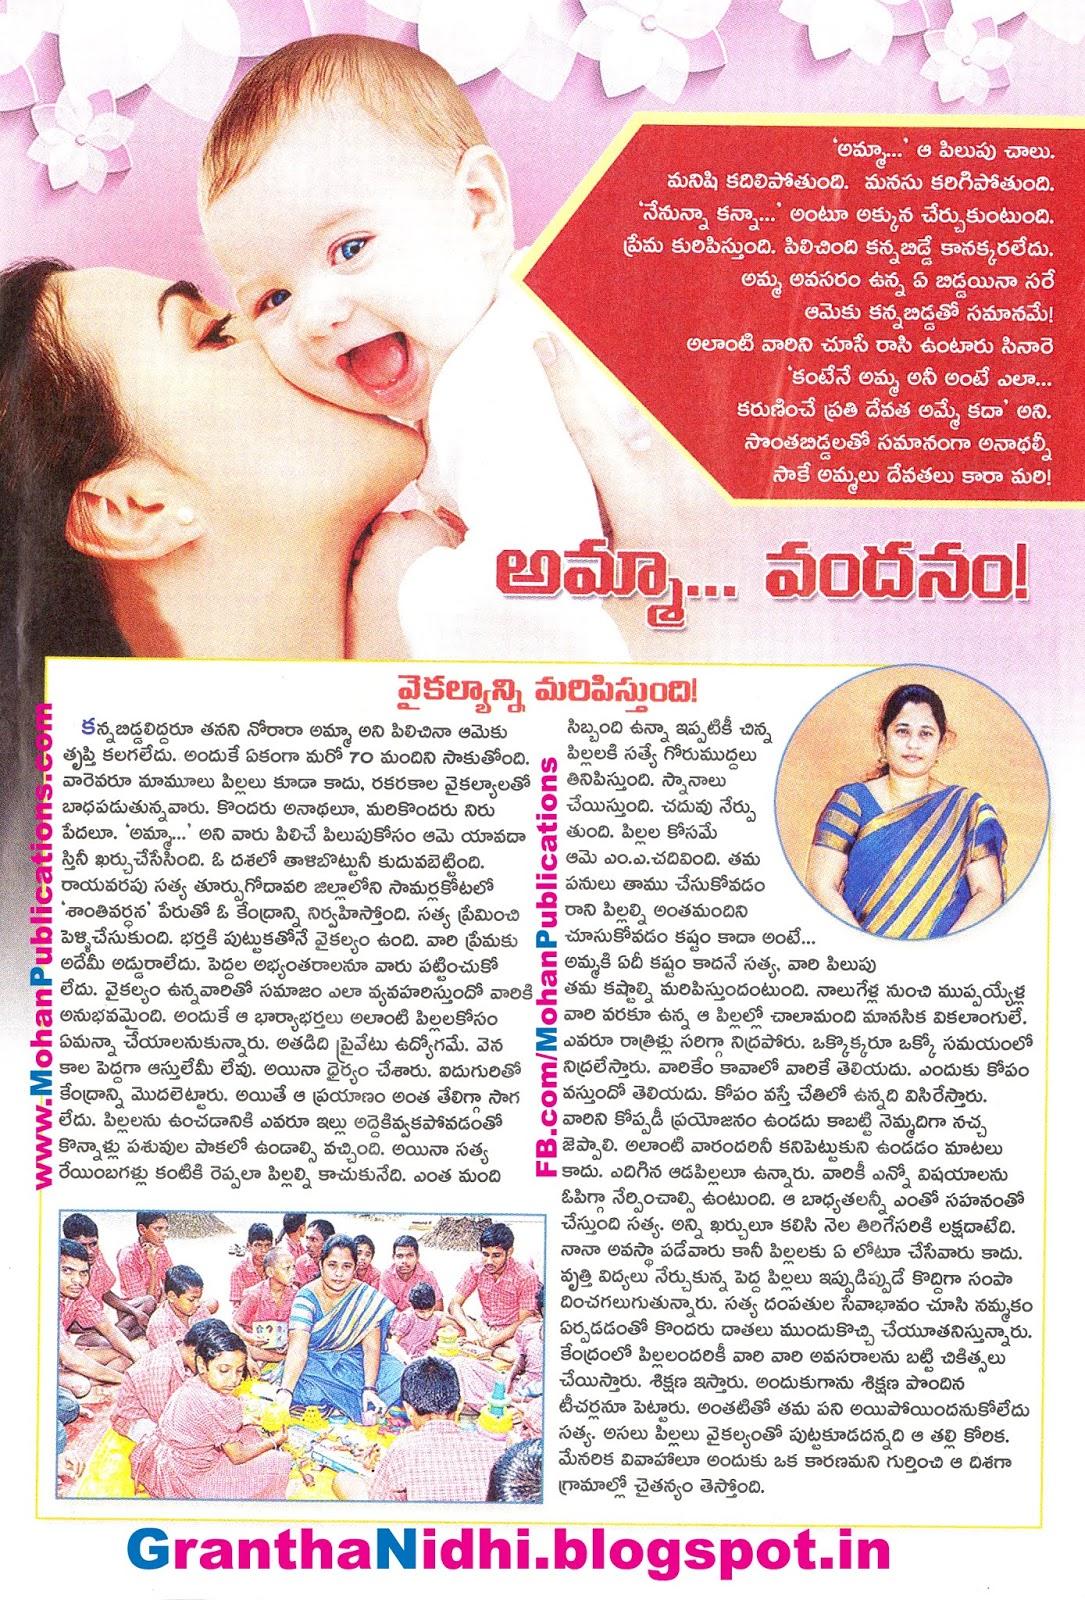 అమ్మా వందనం Mother's Day granthanidhi mohanpublications bhaktipustakalu